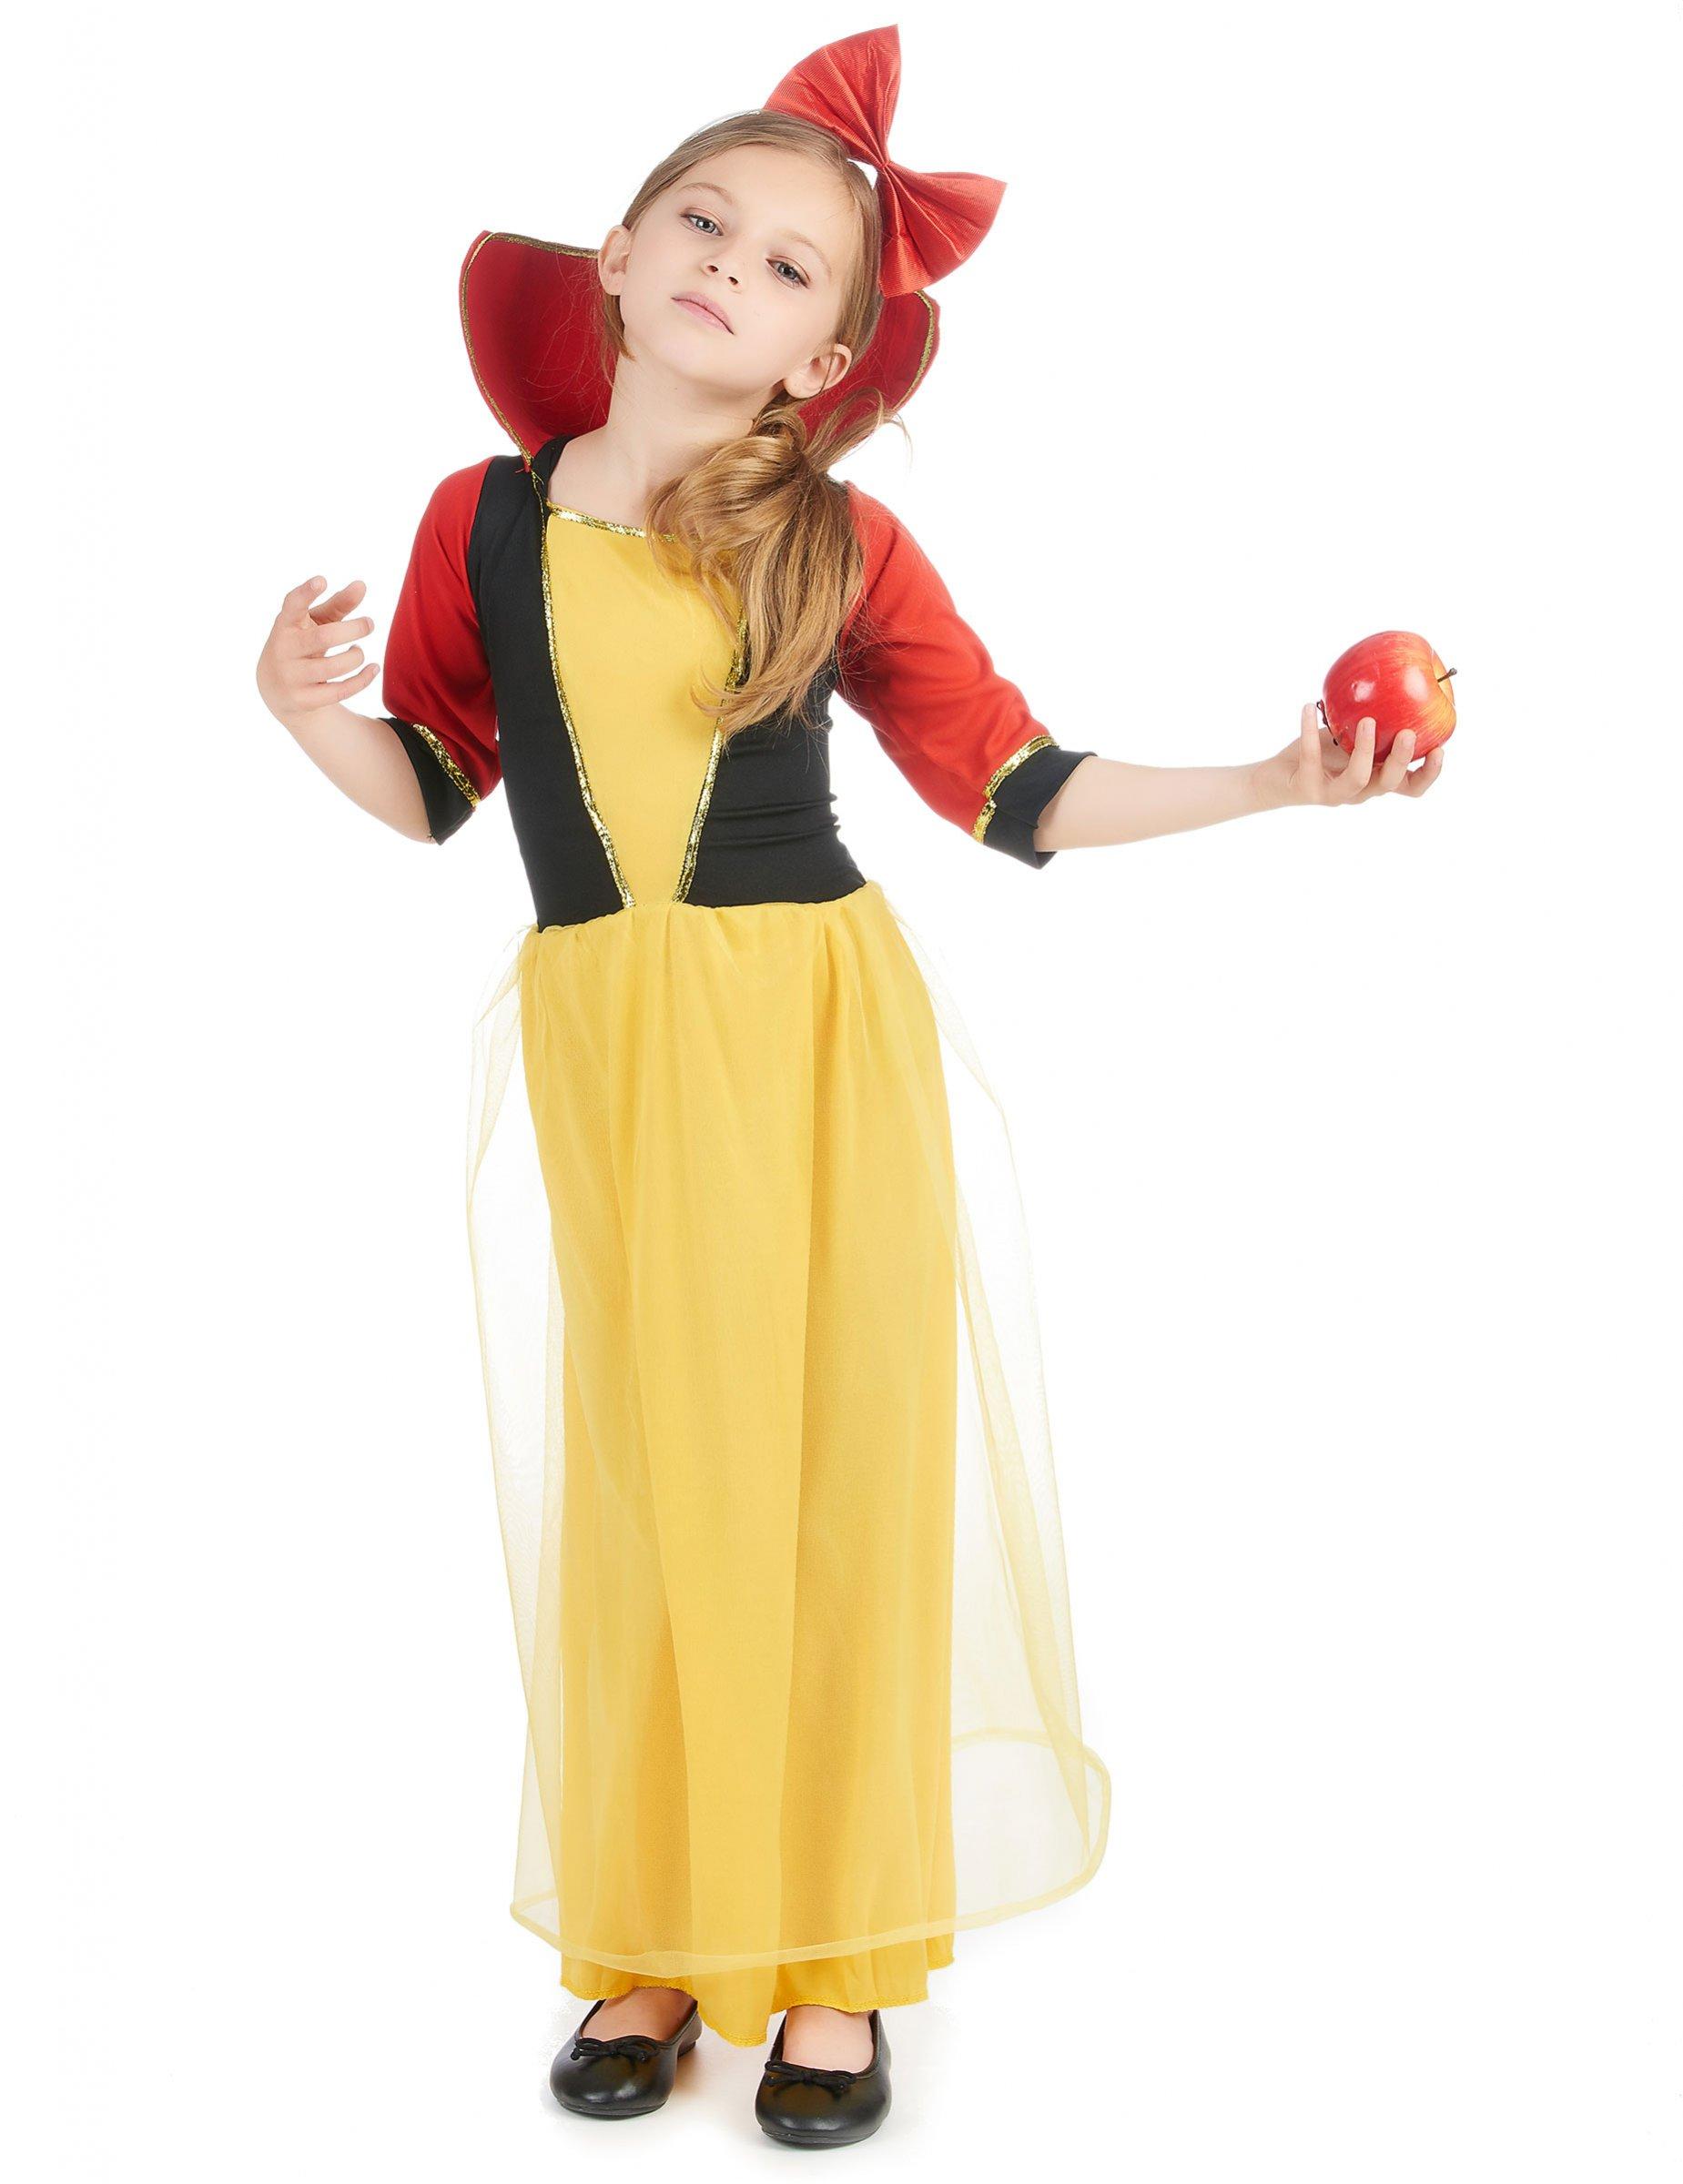 D guisement princesse des neiges fille deguise toi - Princesse des neiges ...